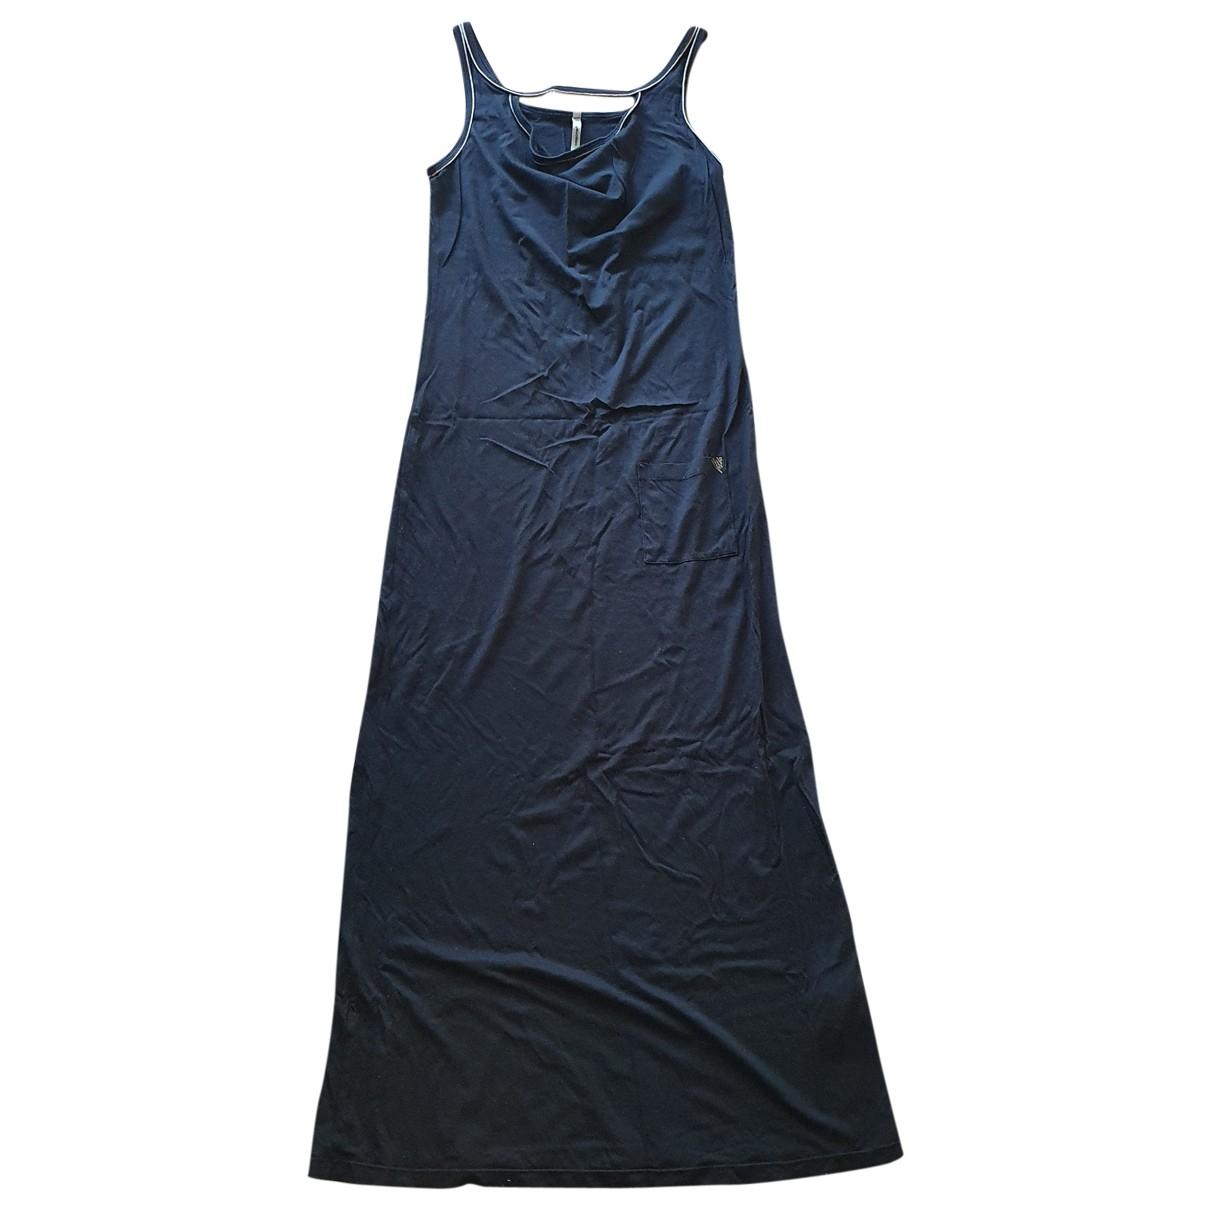 Cop Copine \N Black Cotton dress for Women 36 FR